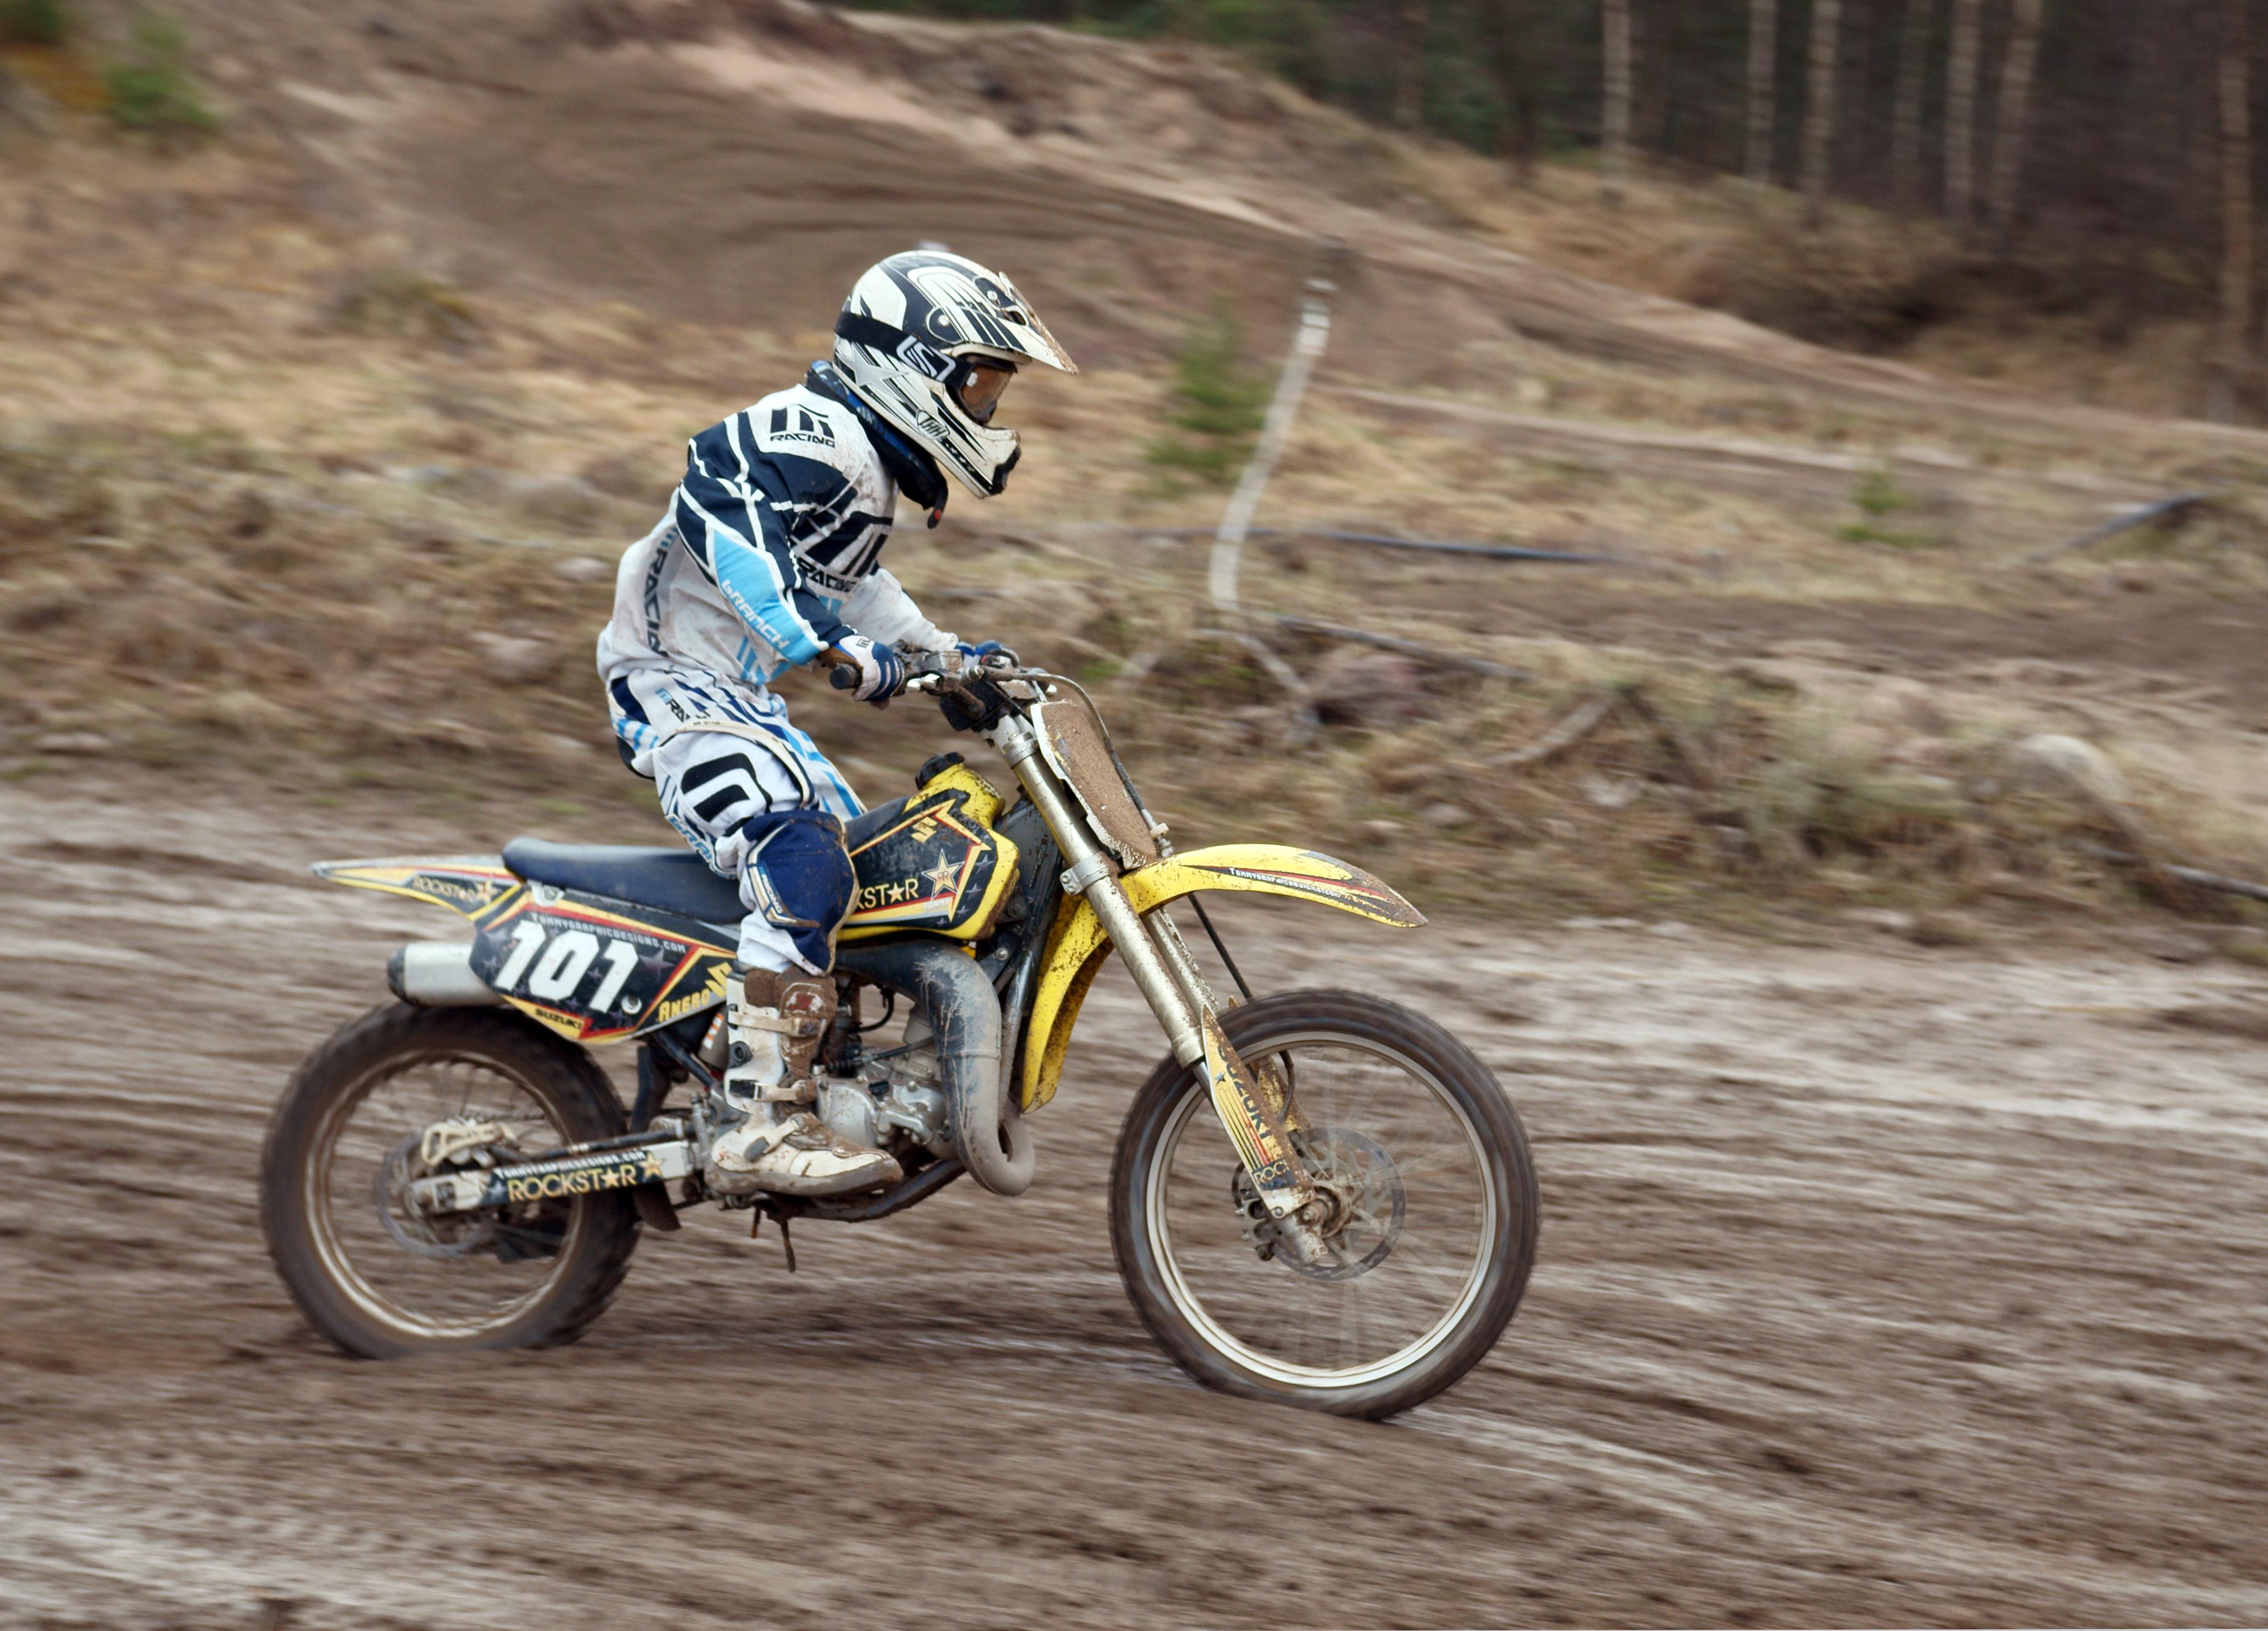 Motocross rider heading right